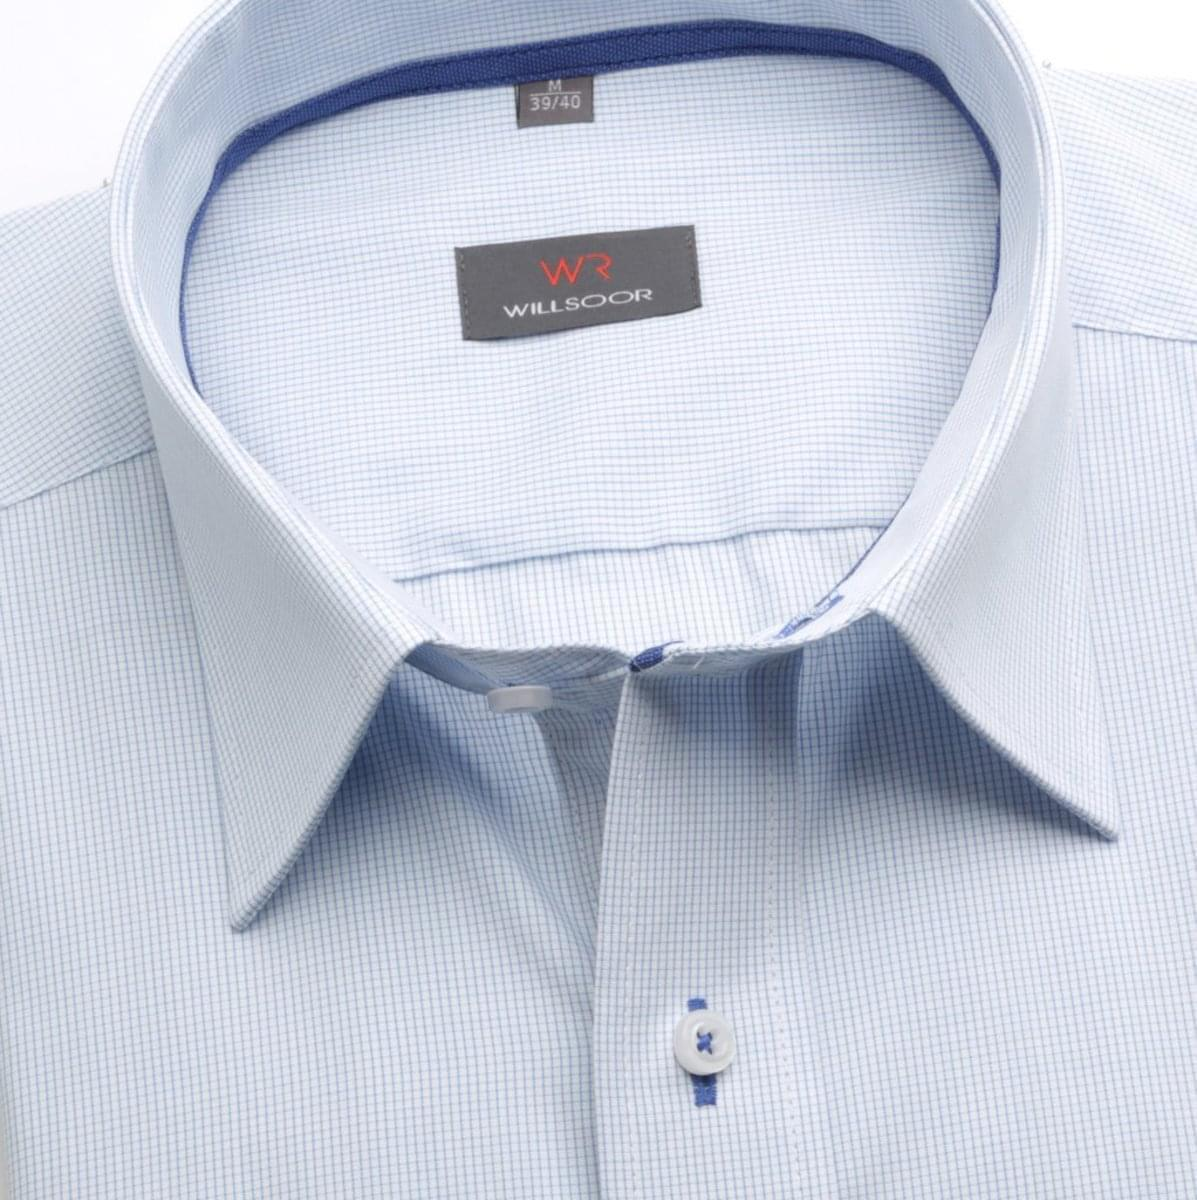 Pánská slim fit košile (výška 188-194) 6623 v bílé barvě s formulí Easy Care 188-194 / XL (43/44)